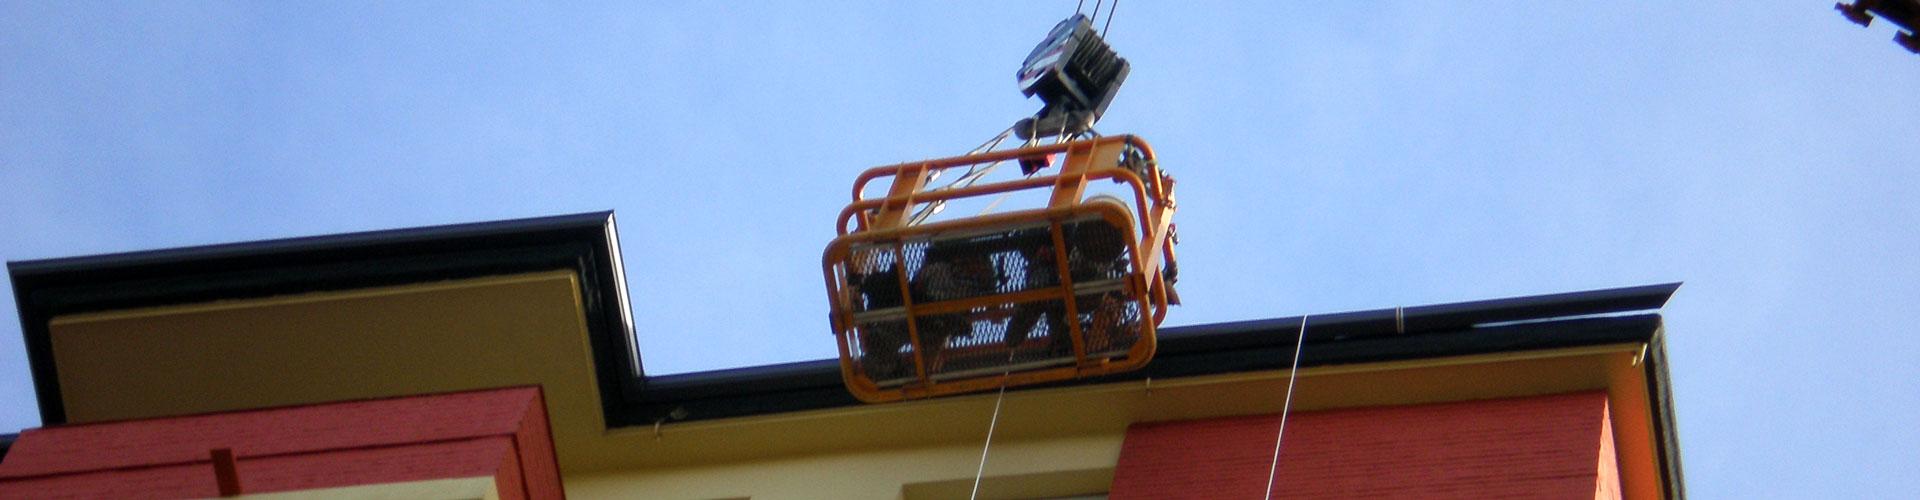 Colocación de canalones en Santander, Empresas de trabajos verticales en Cantabria